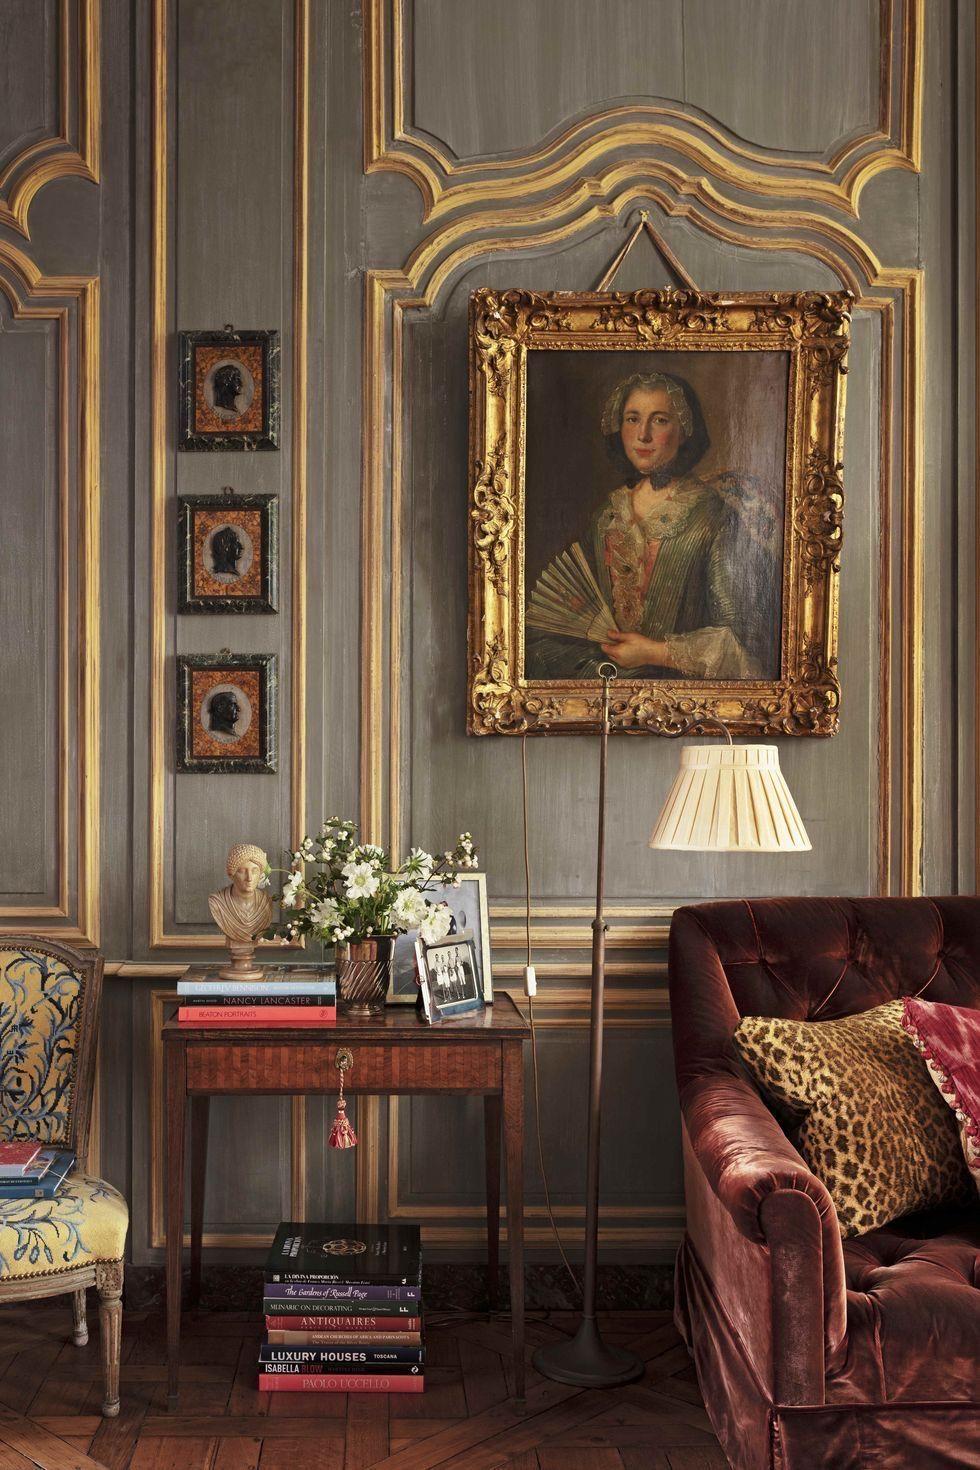 Epingle Par Nicole Brunner Sur L Art Est Partout En 2020 Decoration Salon Ancien Deco Maison Decoration Interieure